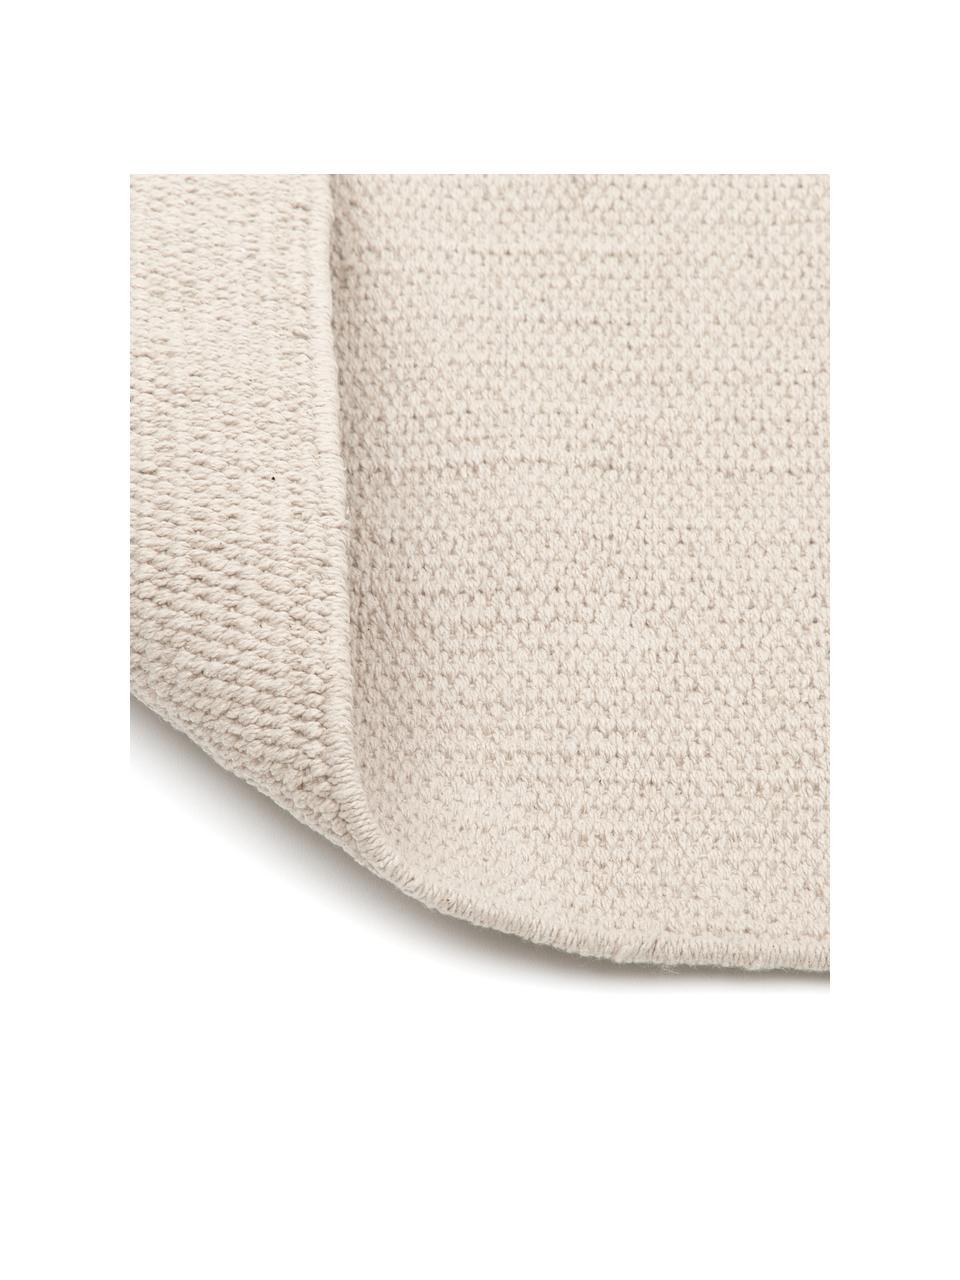 Dünner Baumwollteppich Agneta, handgewebt, 100% Baumwolle, Beige, B 200 x L 300 cm (Grösse L)